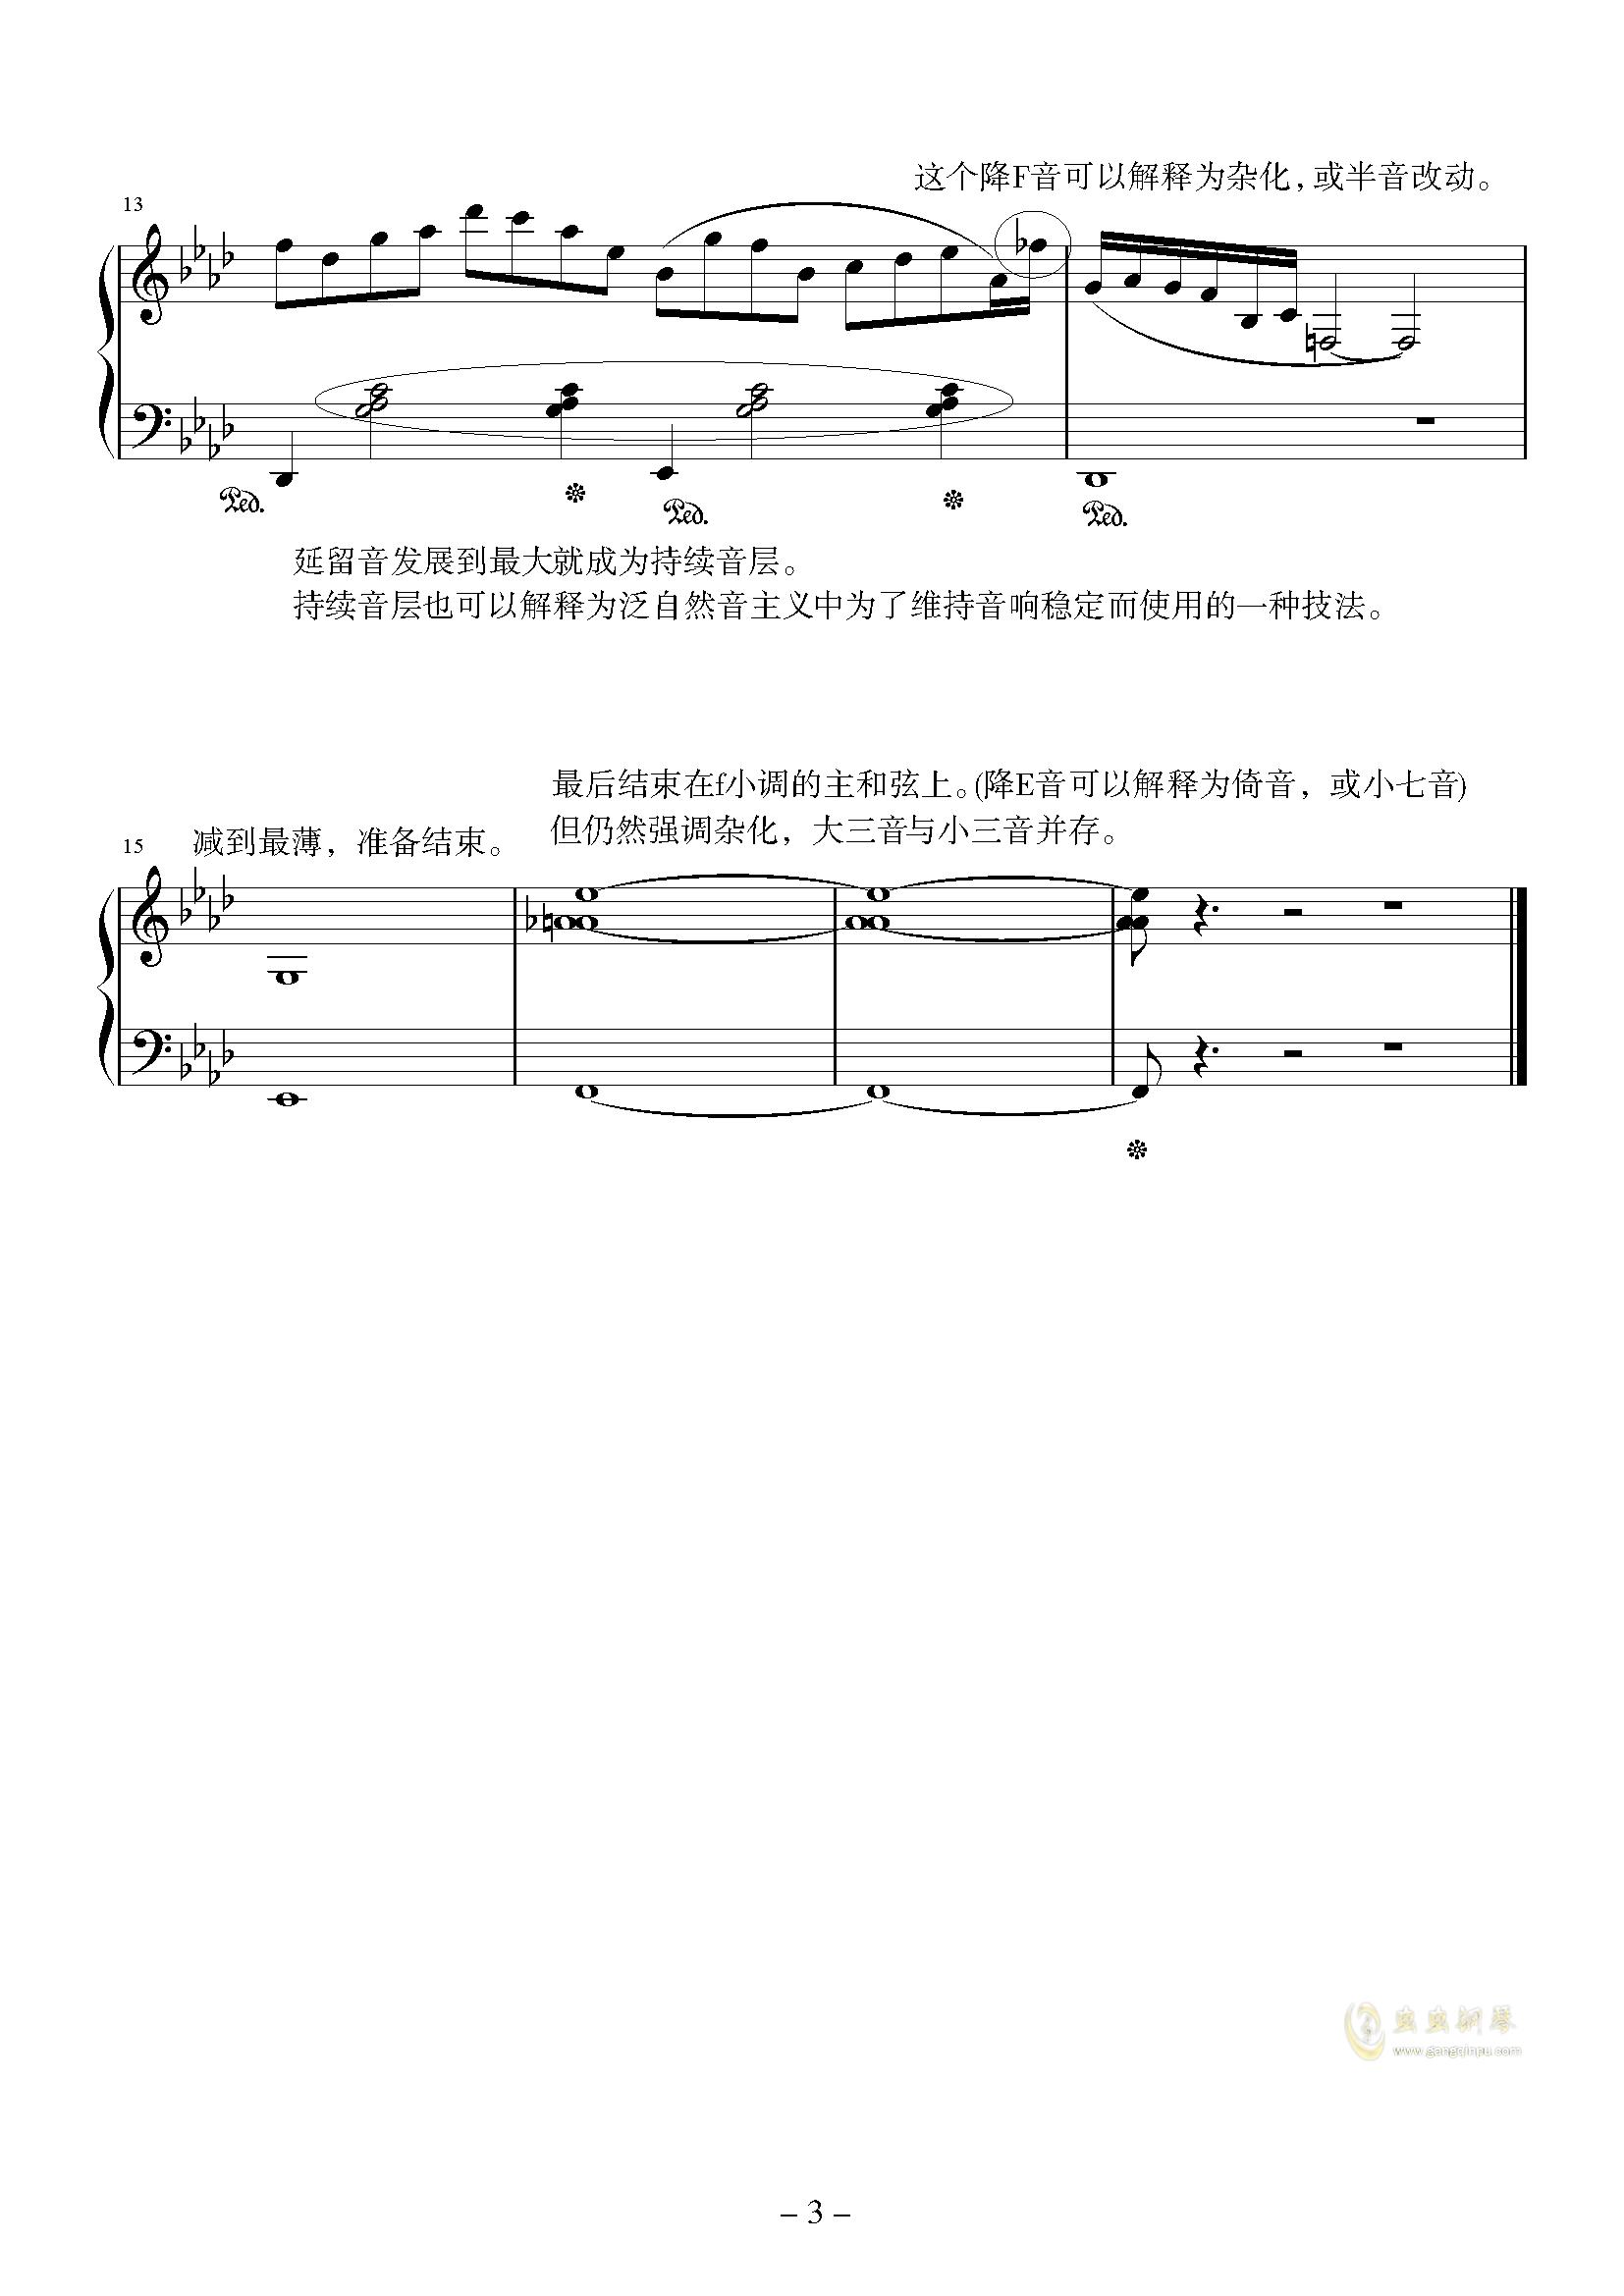 阐释集 (10) - 小谐谑曲钢琴谱 第3页